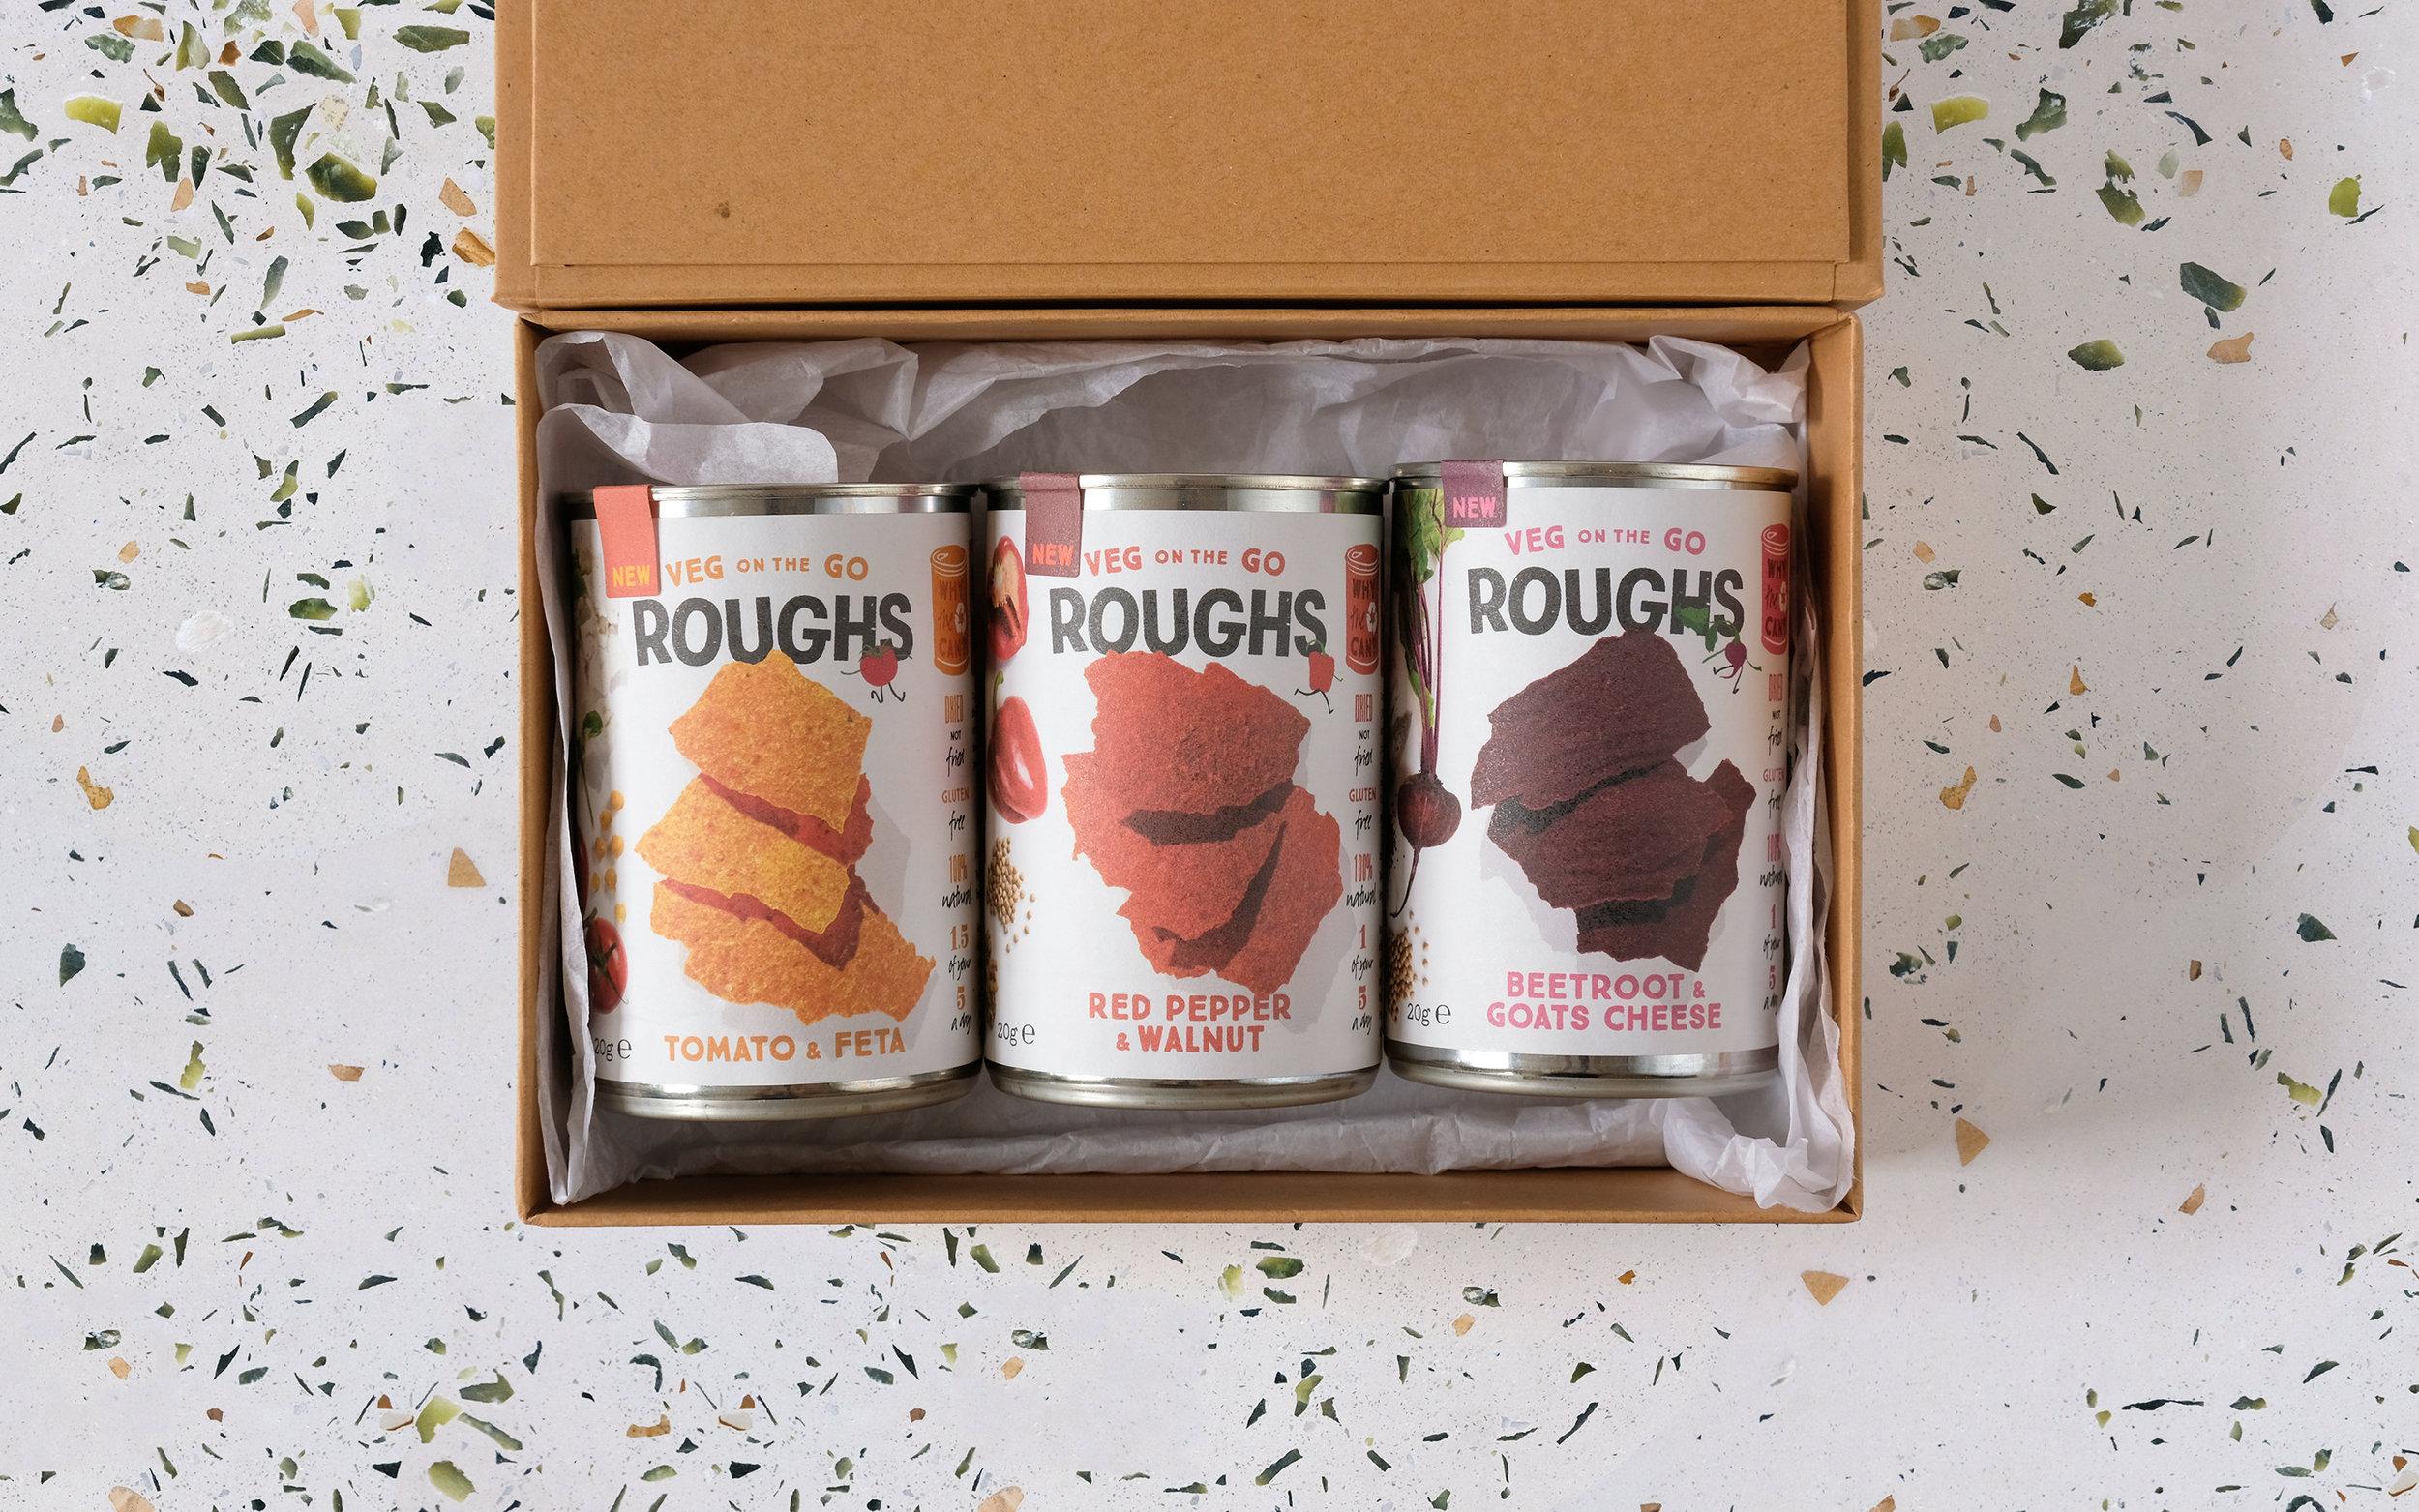 Roughs-Satisfied-Snacks-Galia-Rybitskaya-A-ya-design-packaging_size-5.jpg